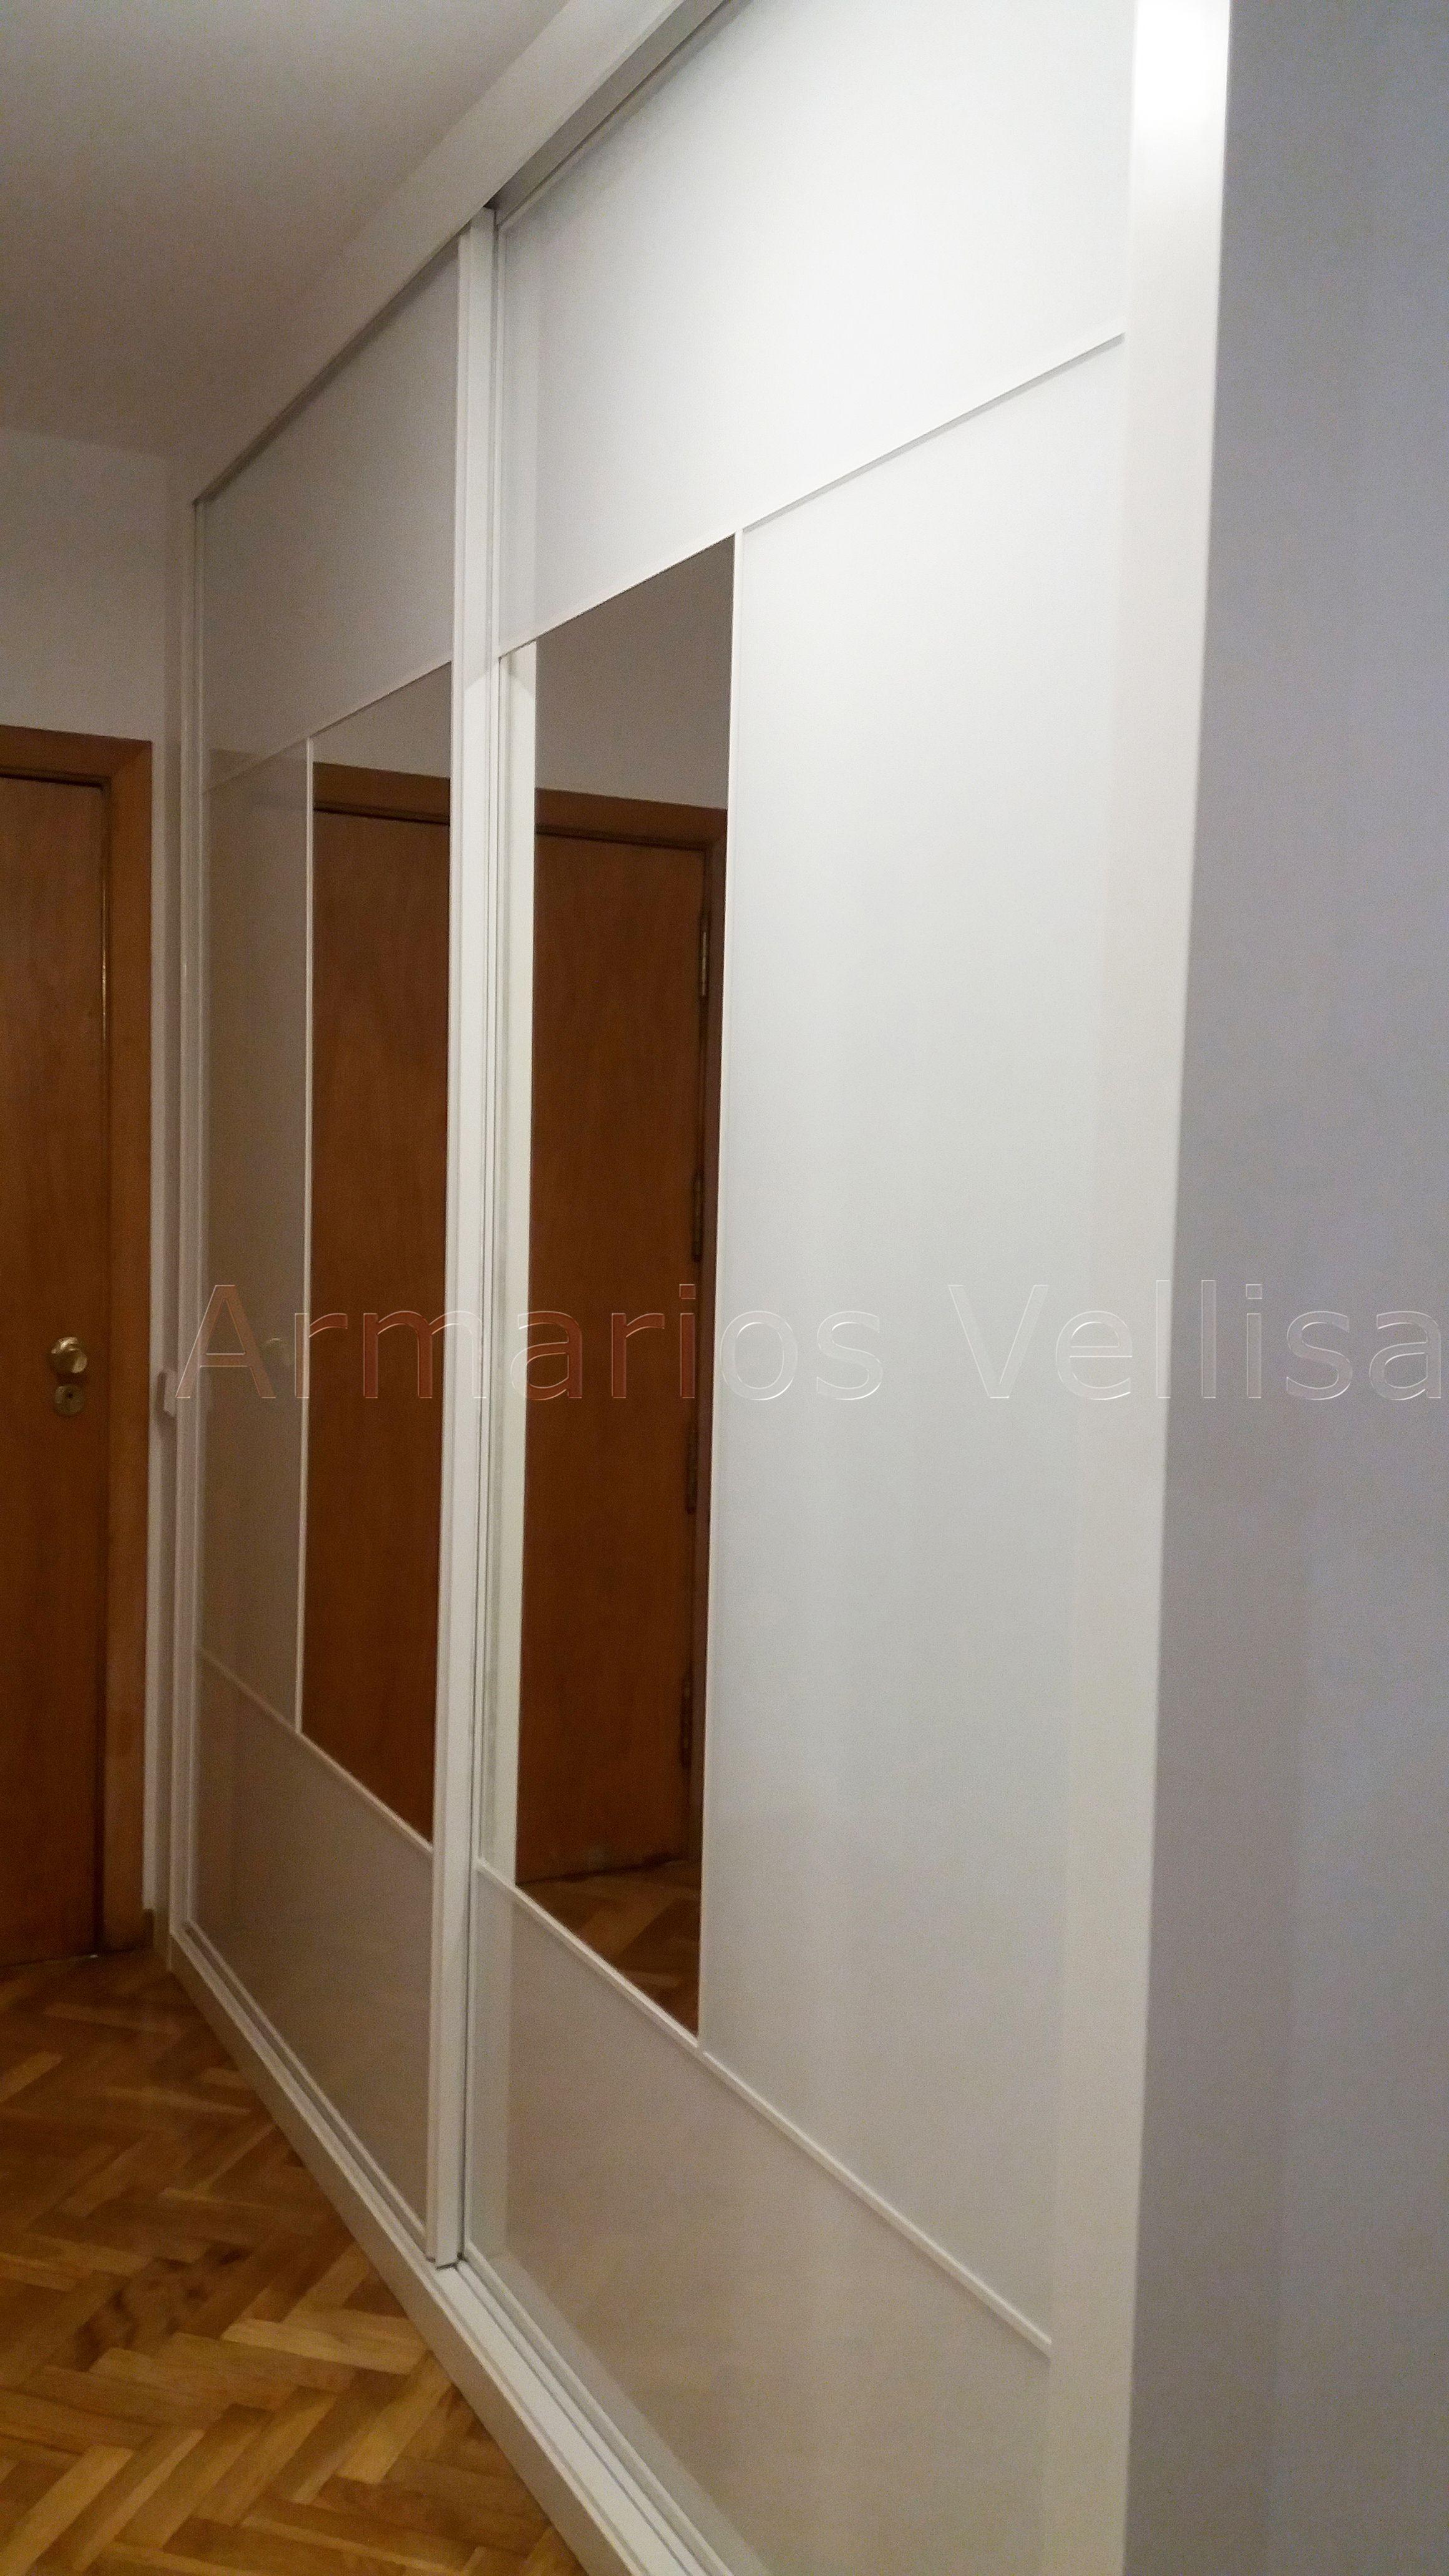 Puertas correderas armario empotrado affordable elegant - Ikea asturias armarios ...